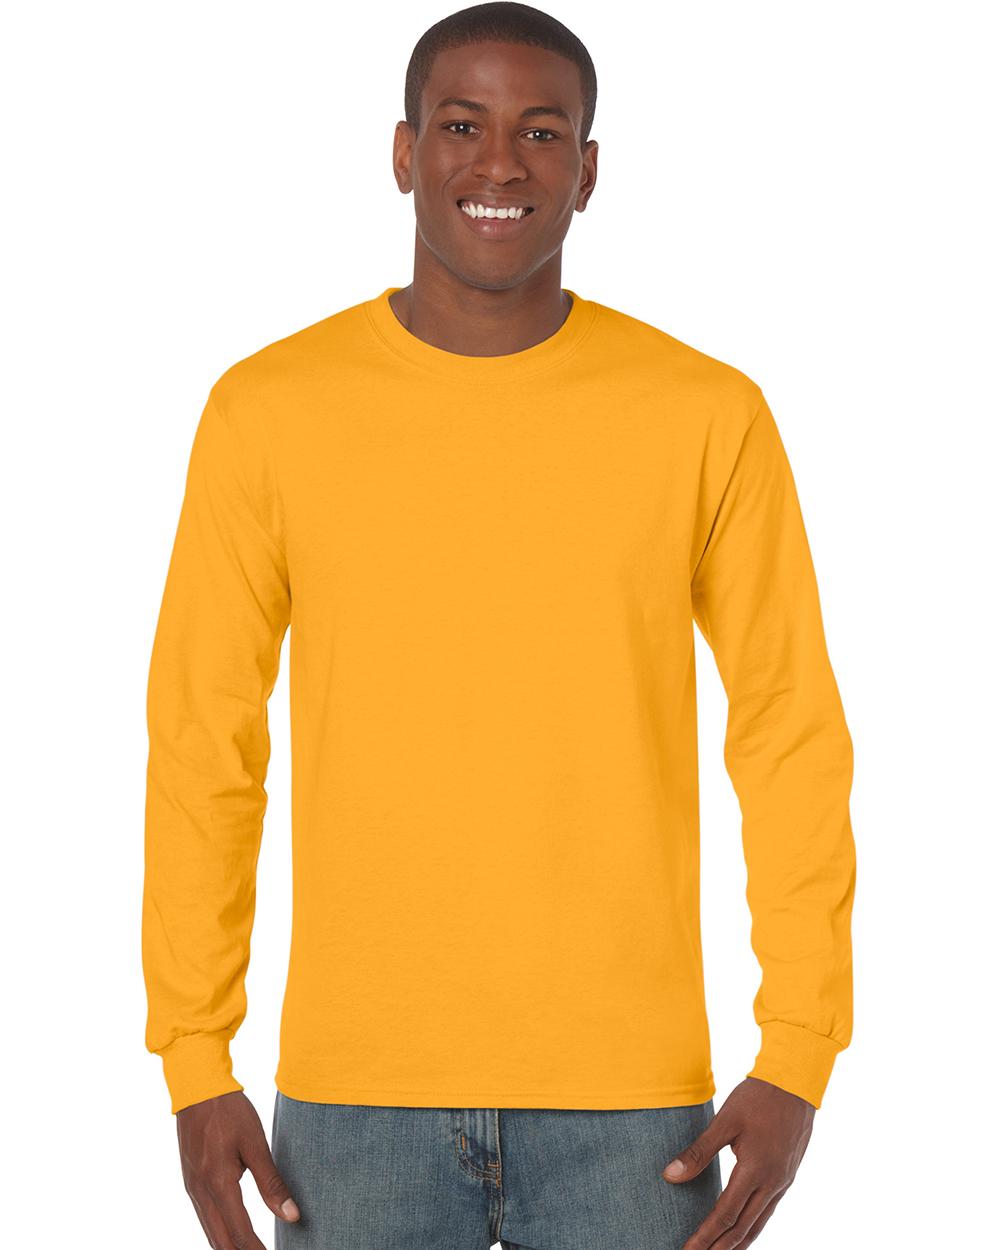 Gildan 5400     Heavy Cotton™    Classic Fit Adult Long Sleeve T-Shirt    5.3 oz. 100% Cotton